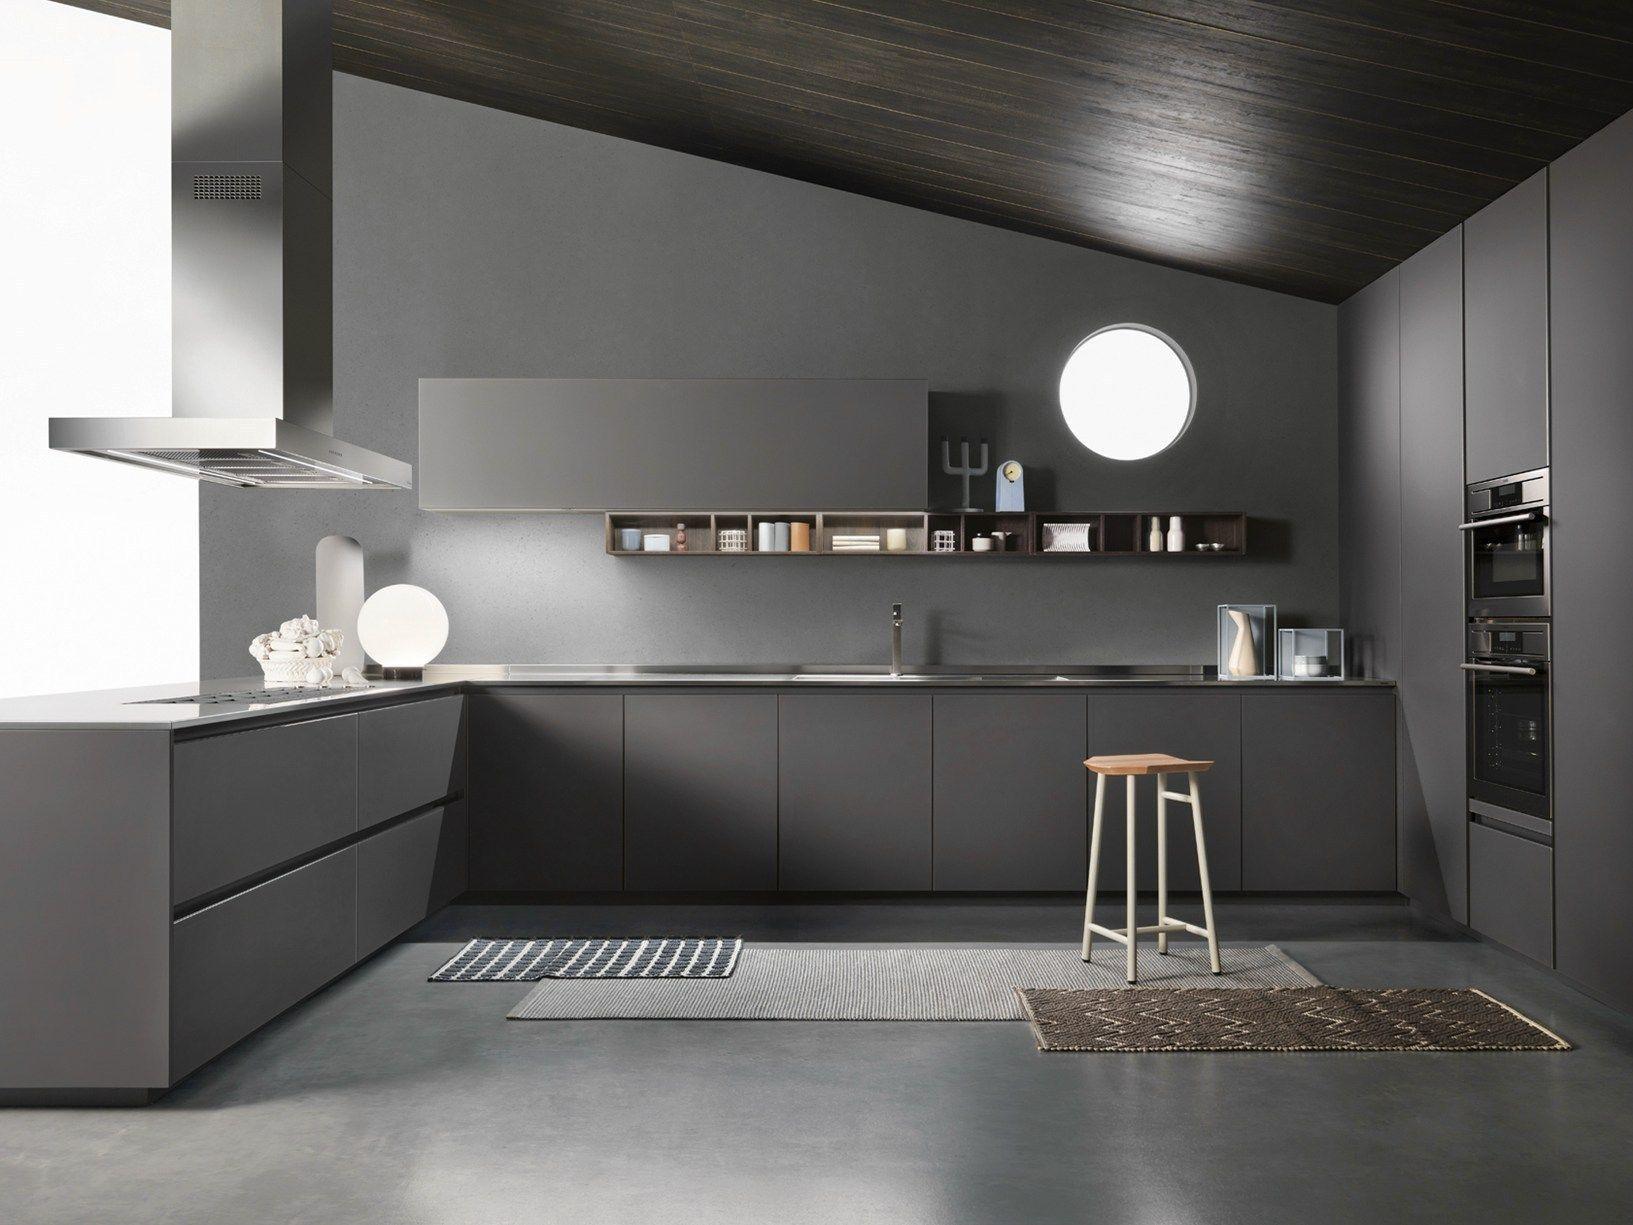 Contrasti cromatici e formali per una cucina calda e accogliente - Prezzi cucine ernesto meda ...